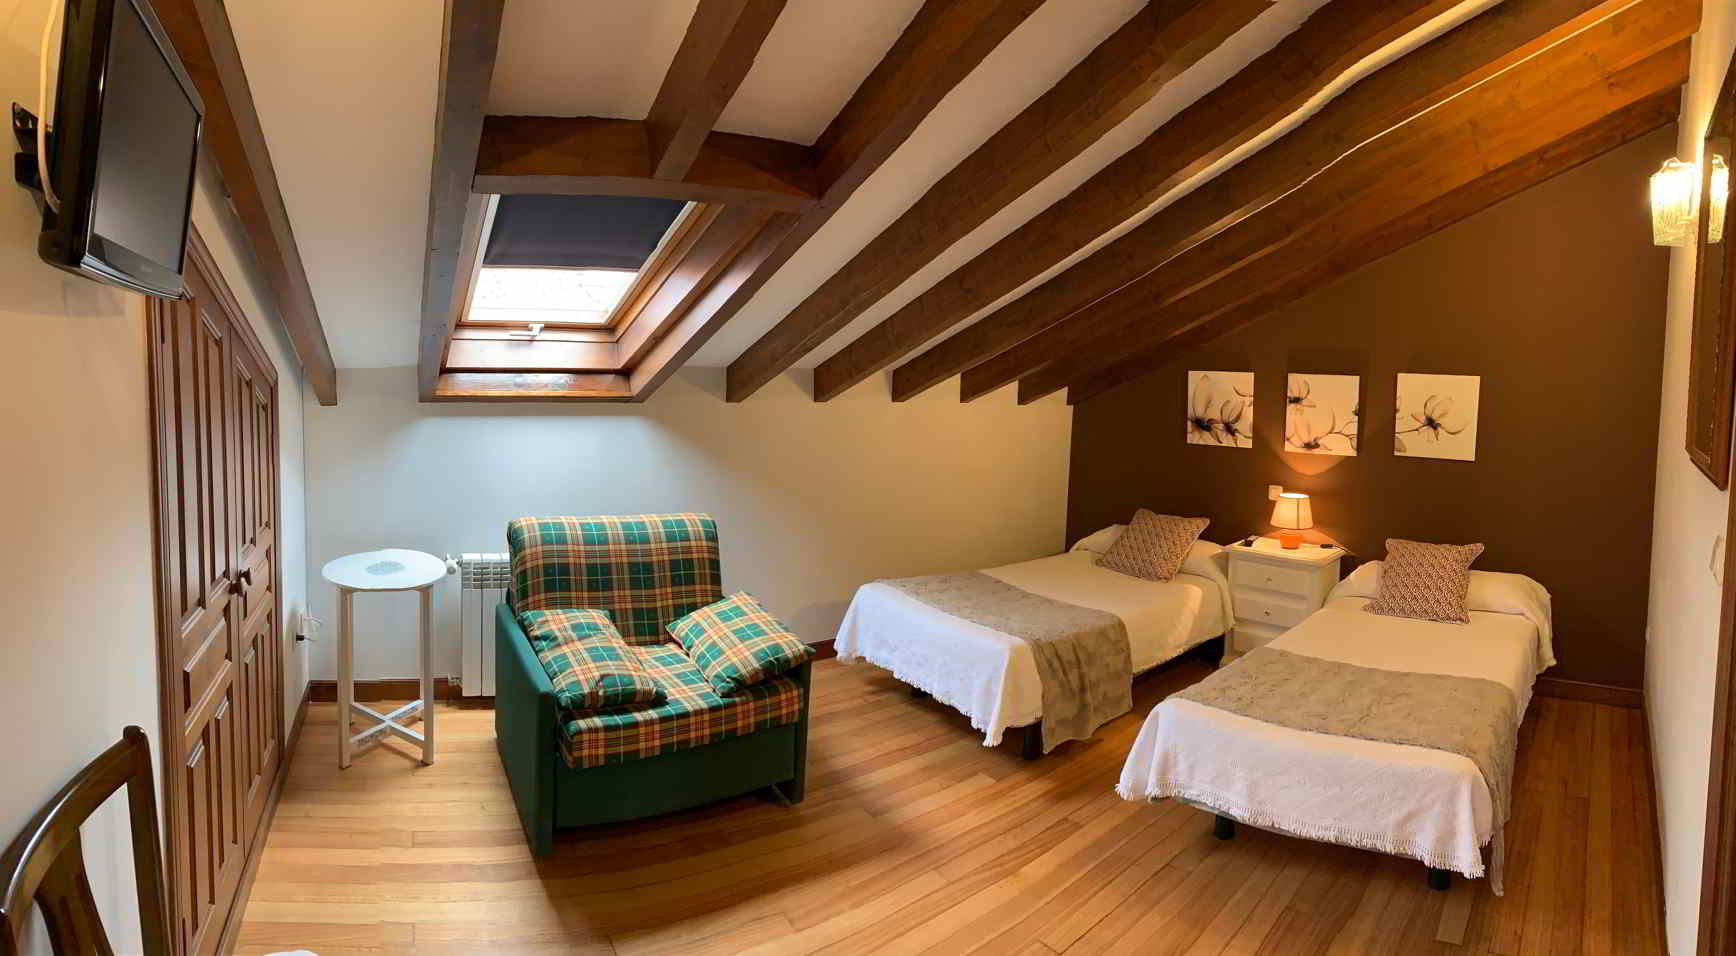 hotel_casa rural_cantabria_grupos grandes_mascotas_san vicente de la barquera_comillas_llanes (3)